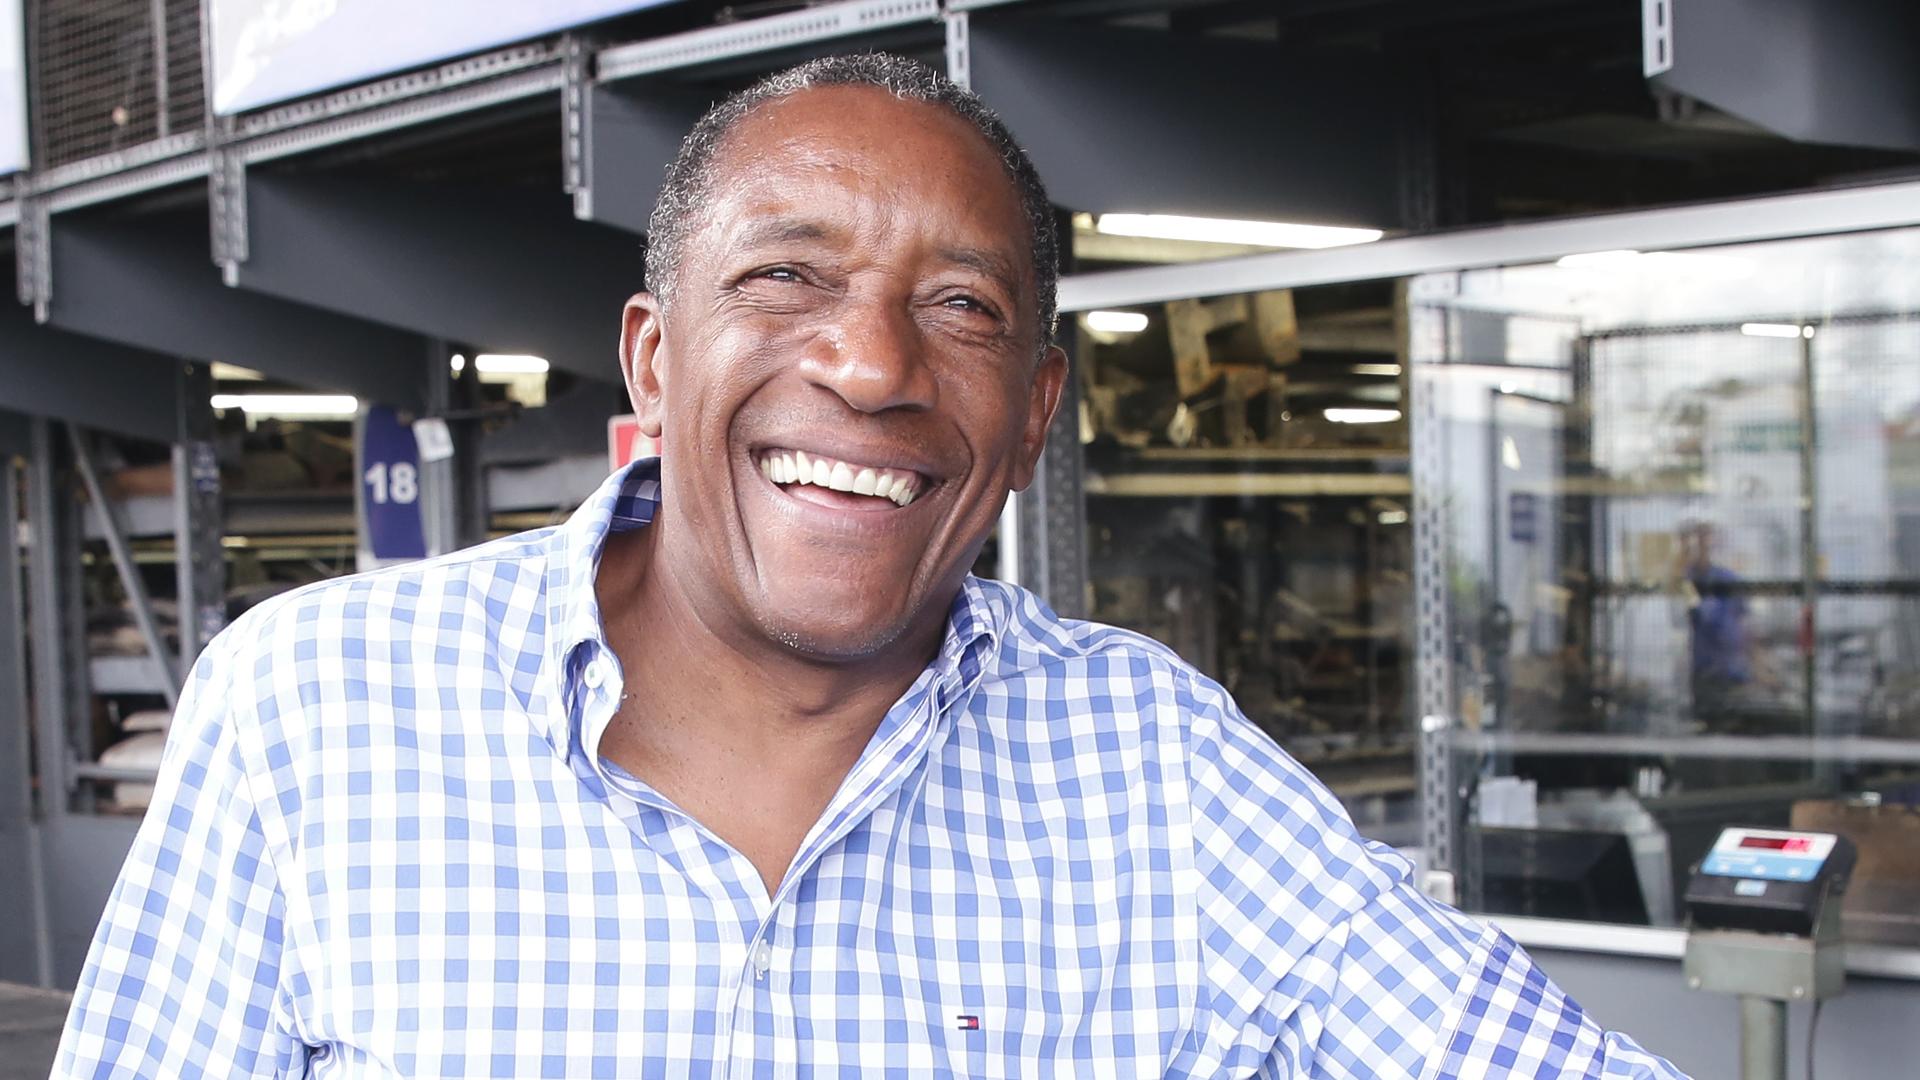 VÍDEO: Geraldo Rufino mostra a JR Diesel a alunos do meuSucesso.com